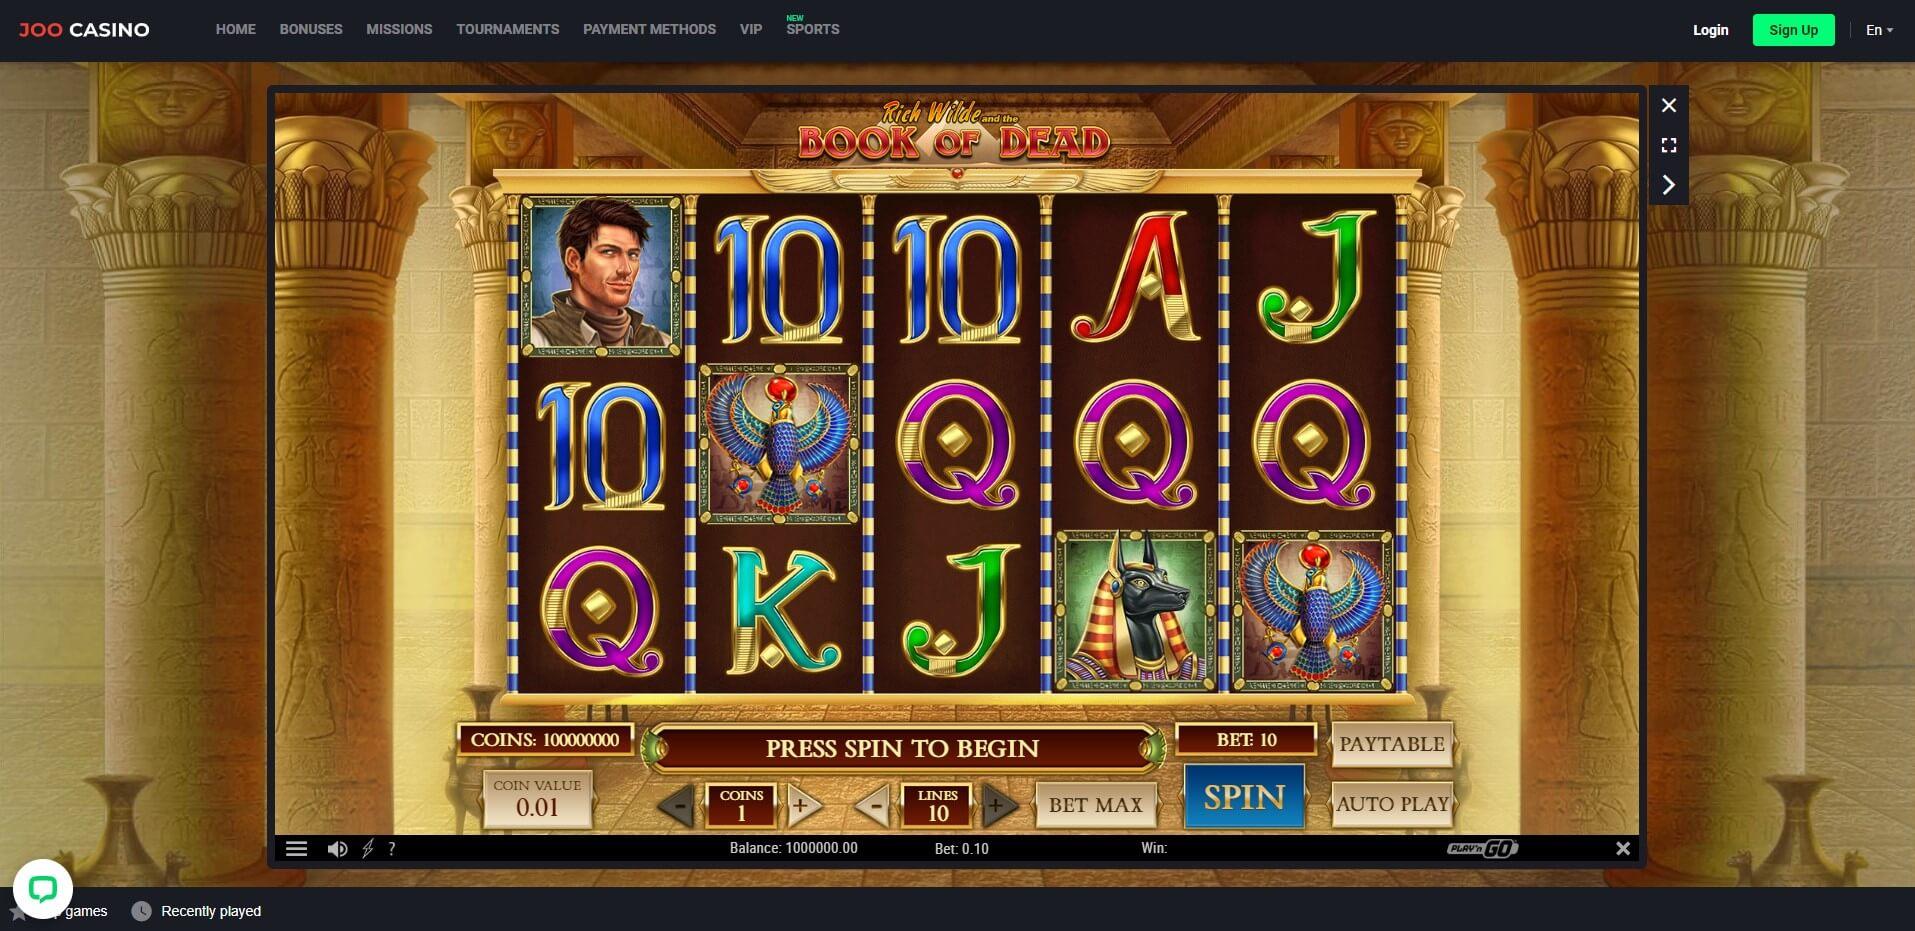 Game Play at Joo Casino